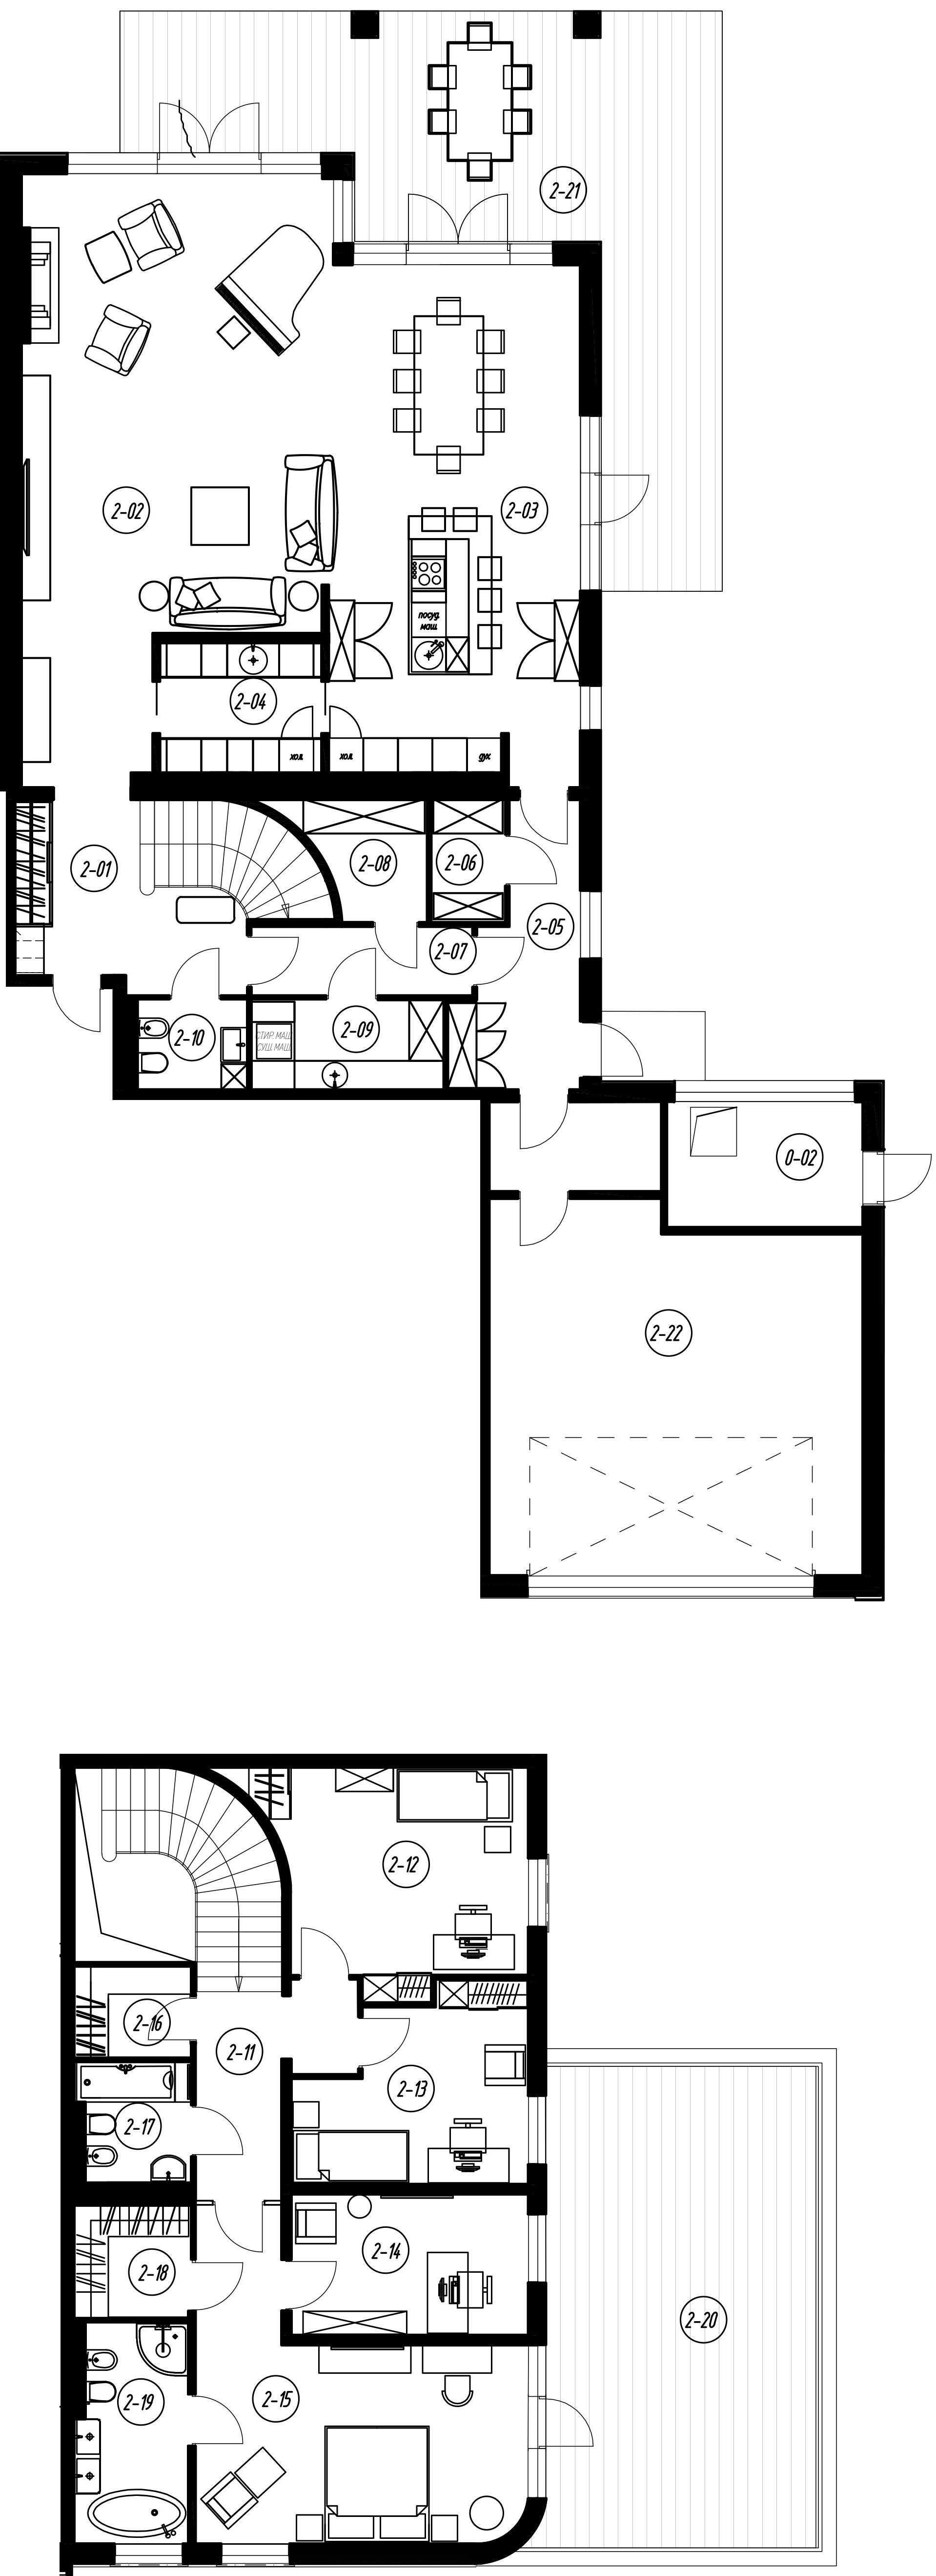 5-к.кв, 271.19 м²